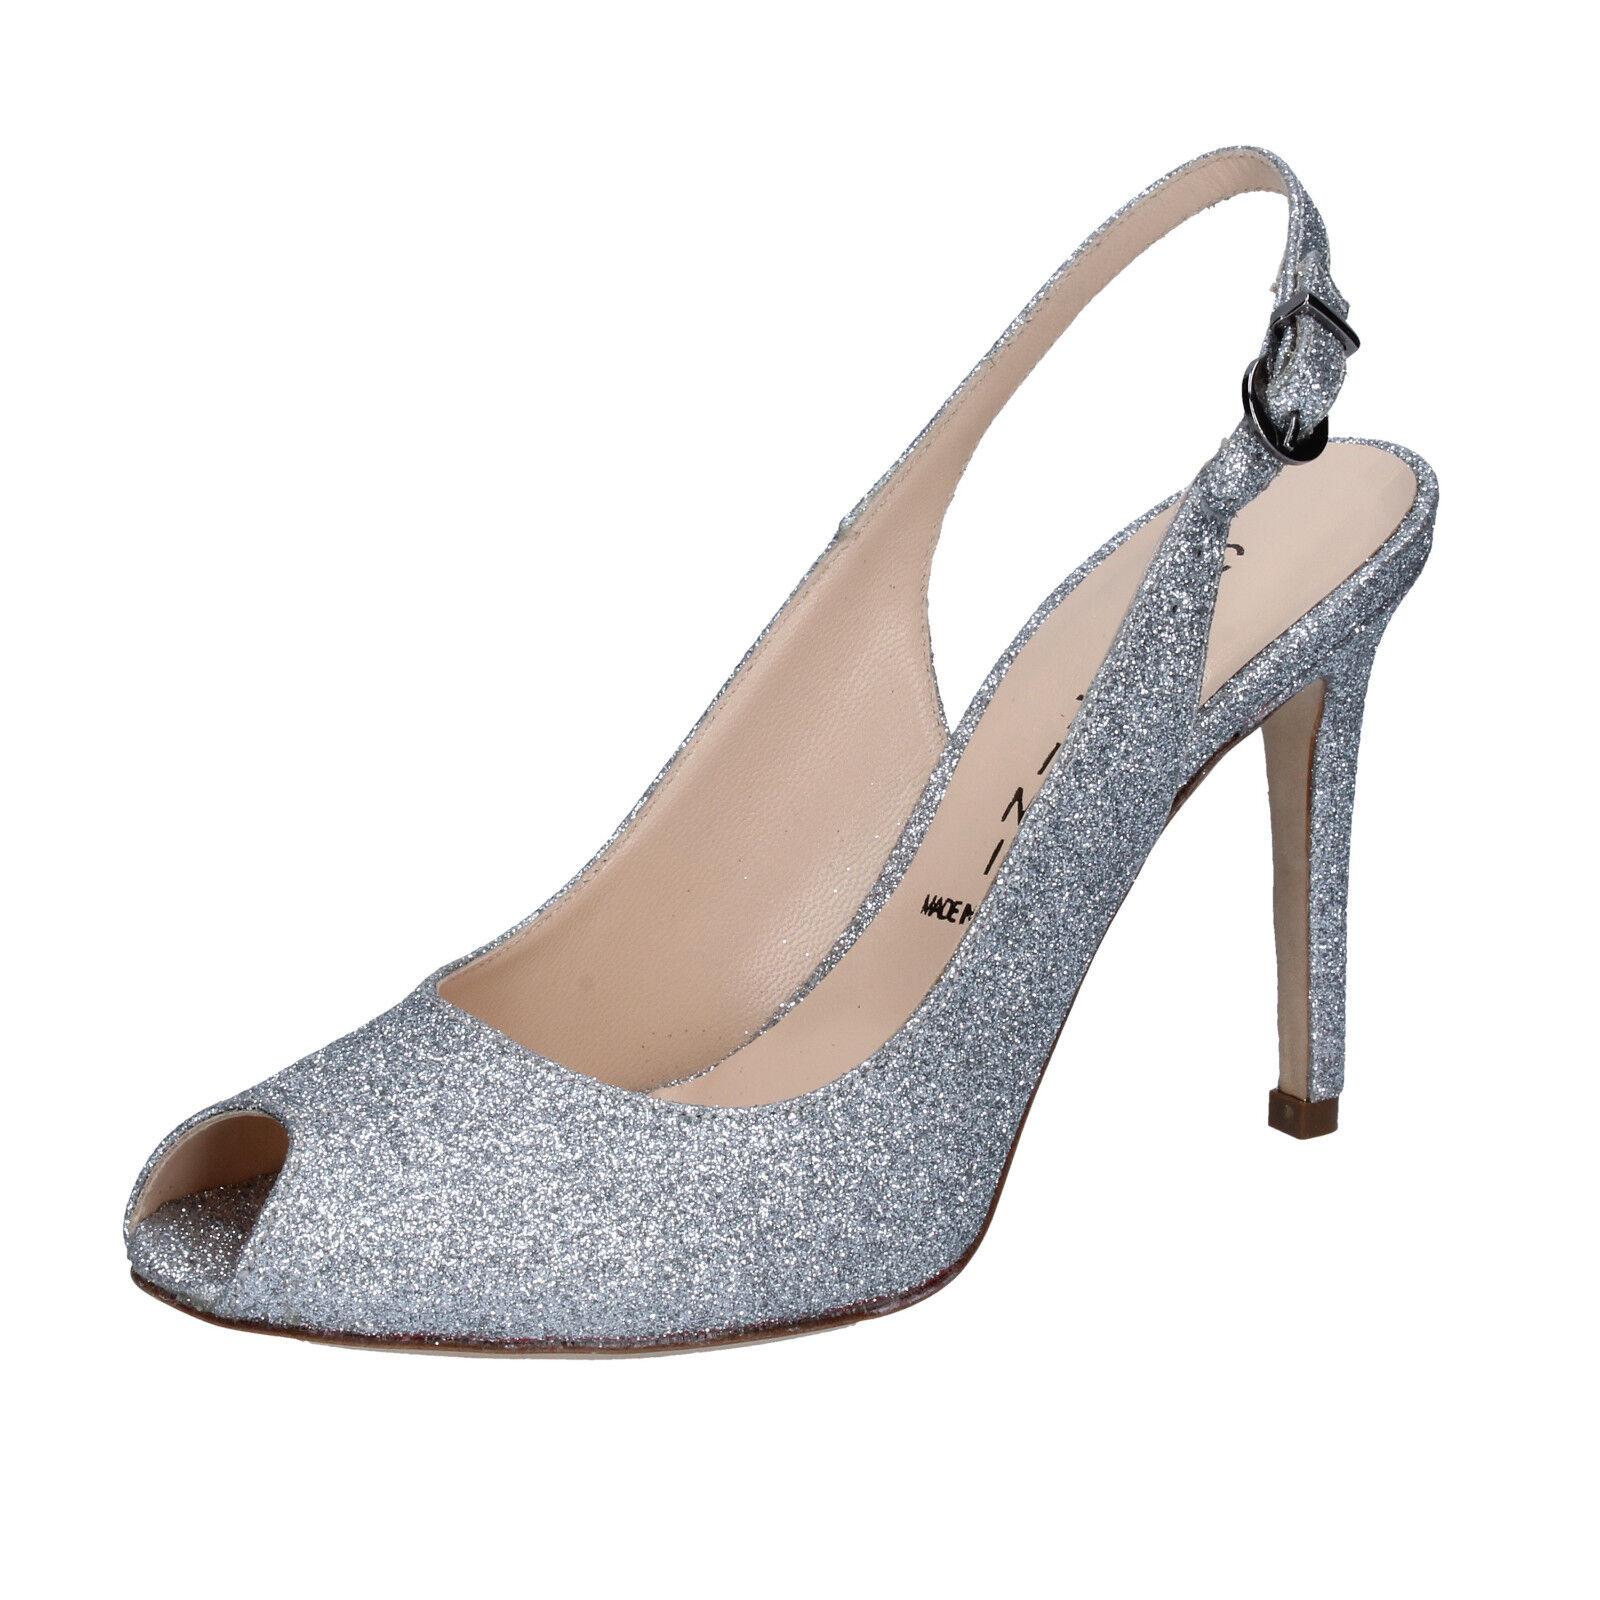 Scarpe donna CAPITINI 40 decolte argento glitter BZ492-E